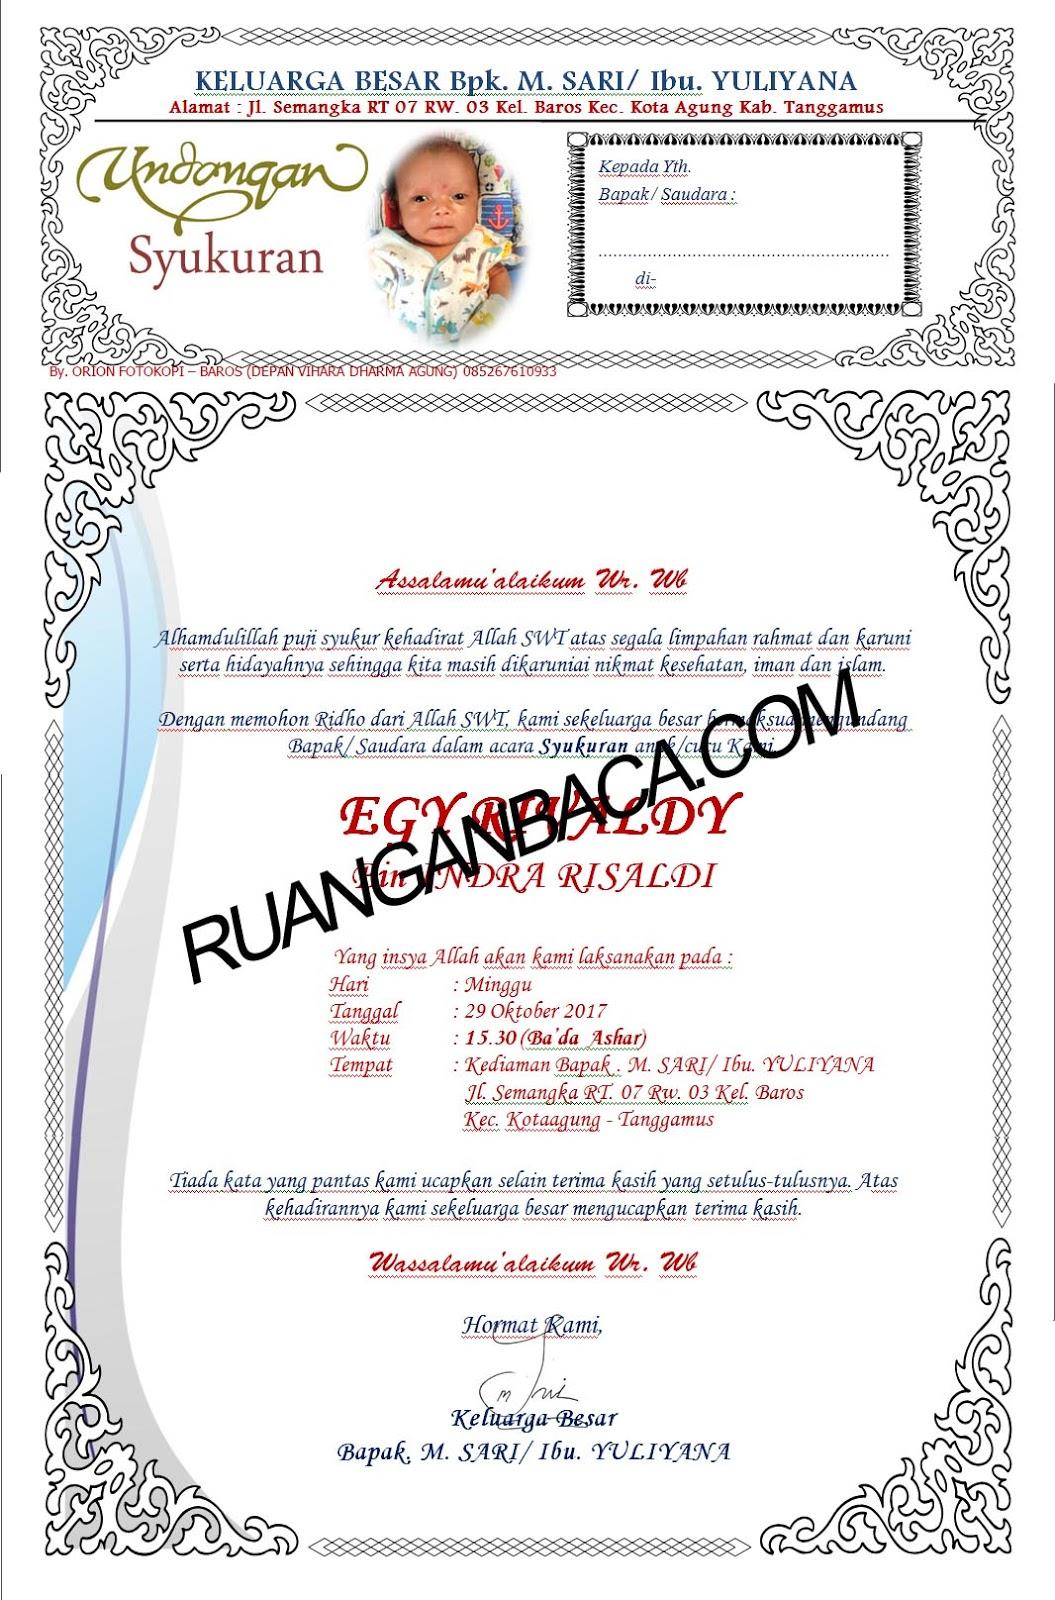 Download Format Undangan Walimatul Tasmiyah Ruanganbacacom